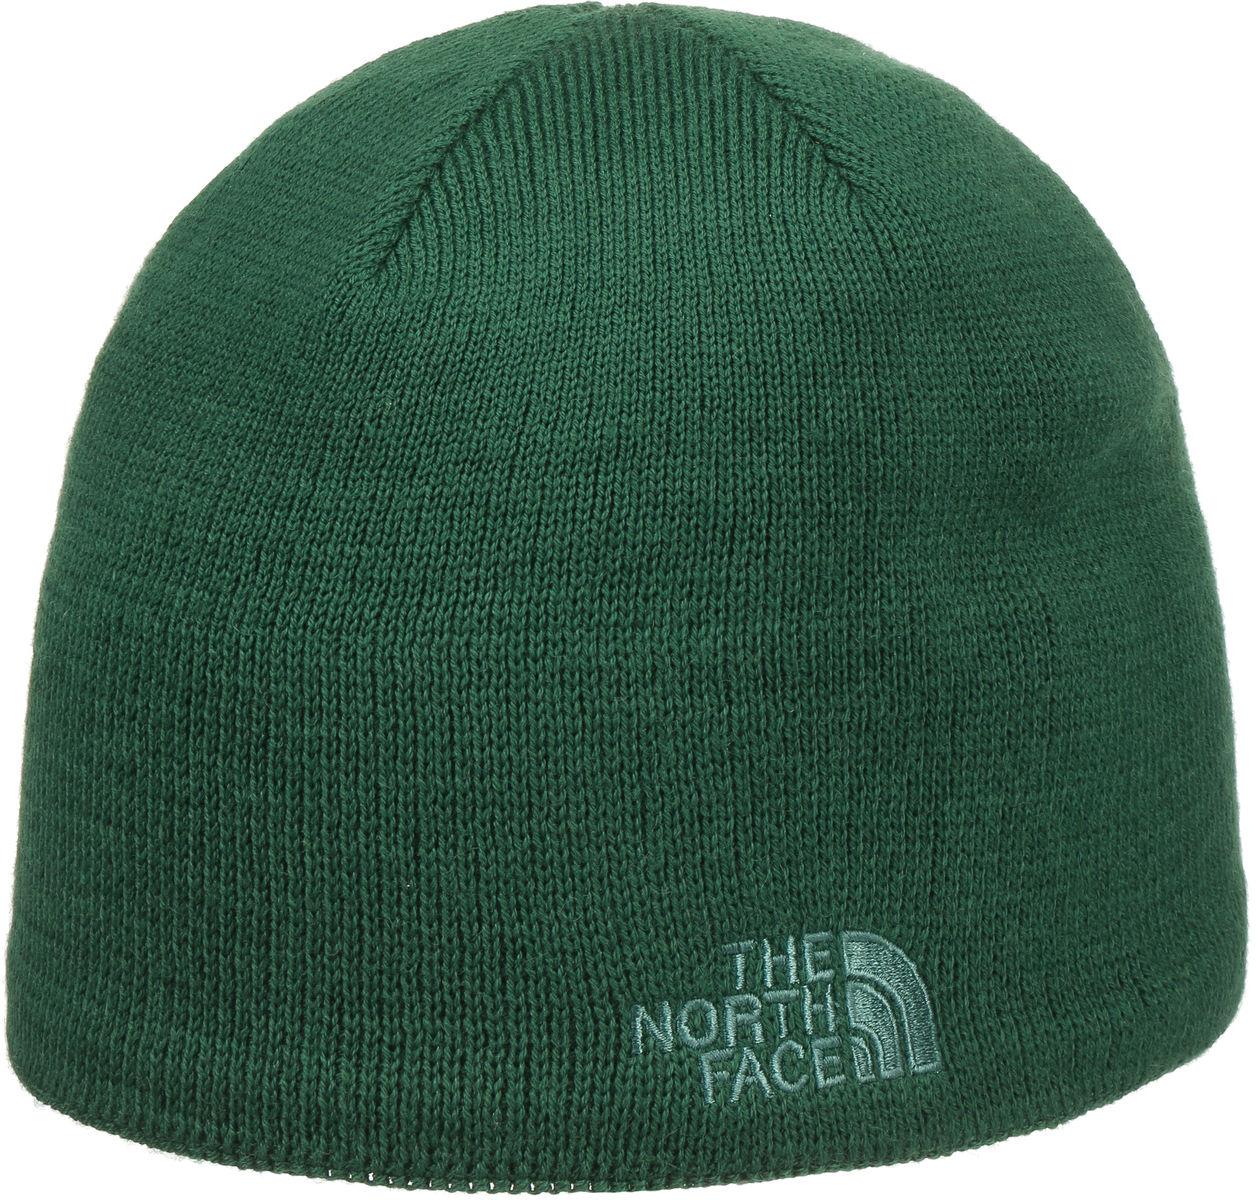 Czapka Beanie Jim by The North Face, zielony, One Size